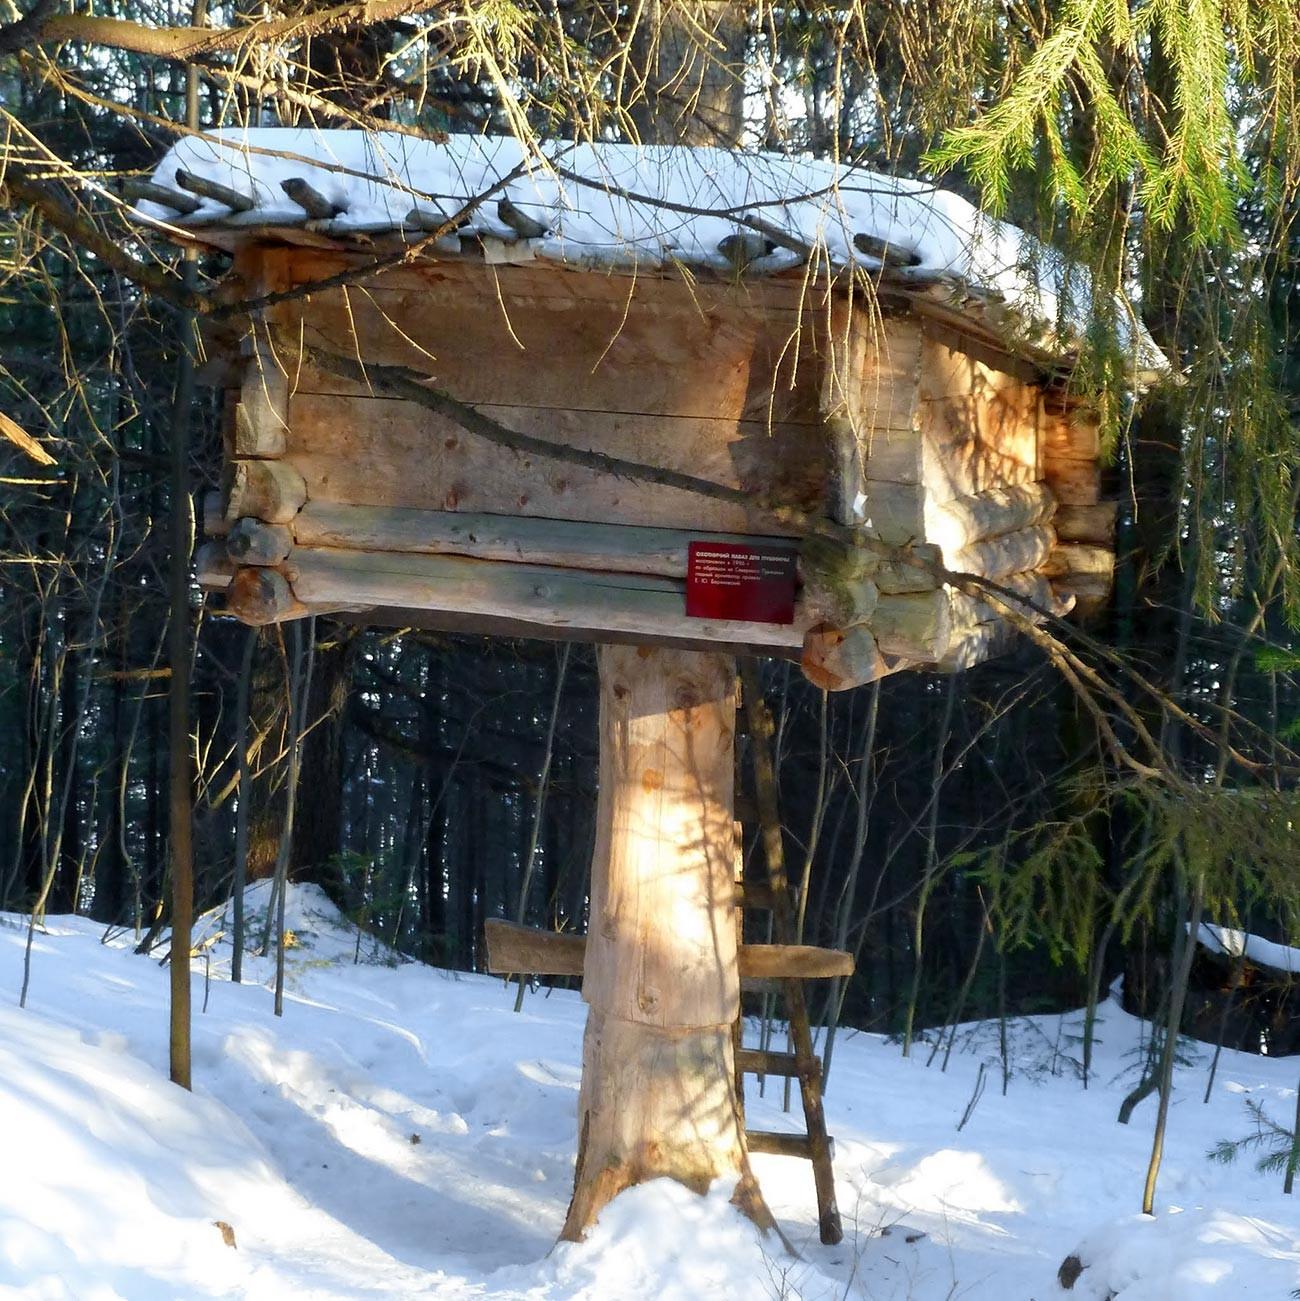 Il rifugio di un cacciatore su un albero